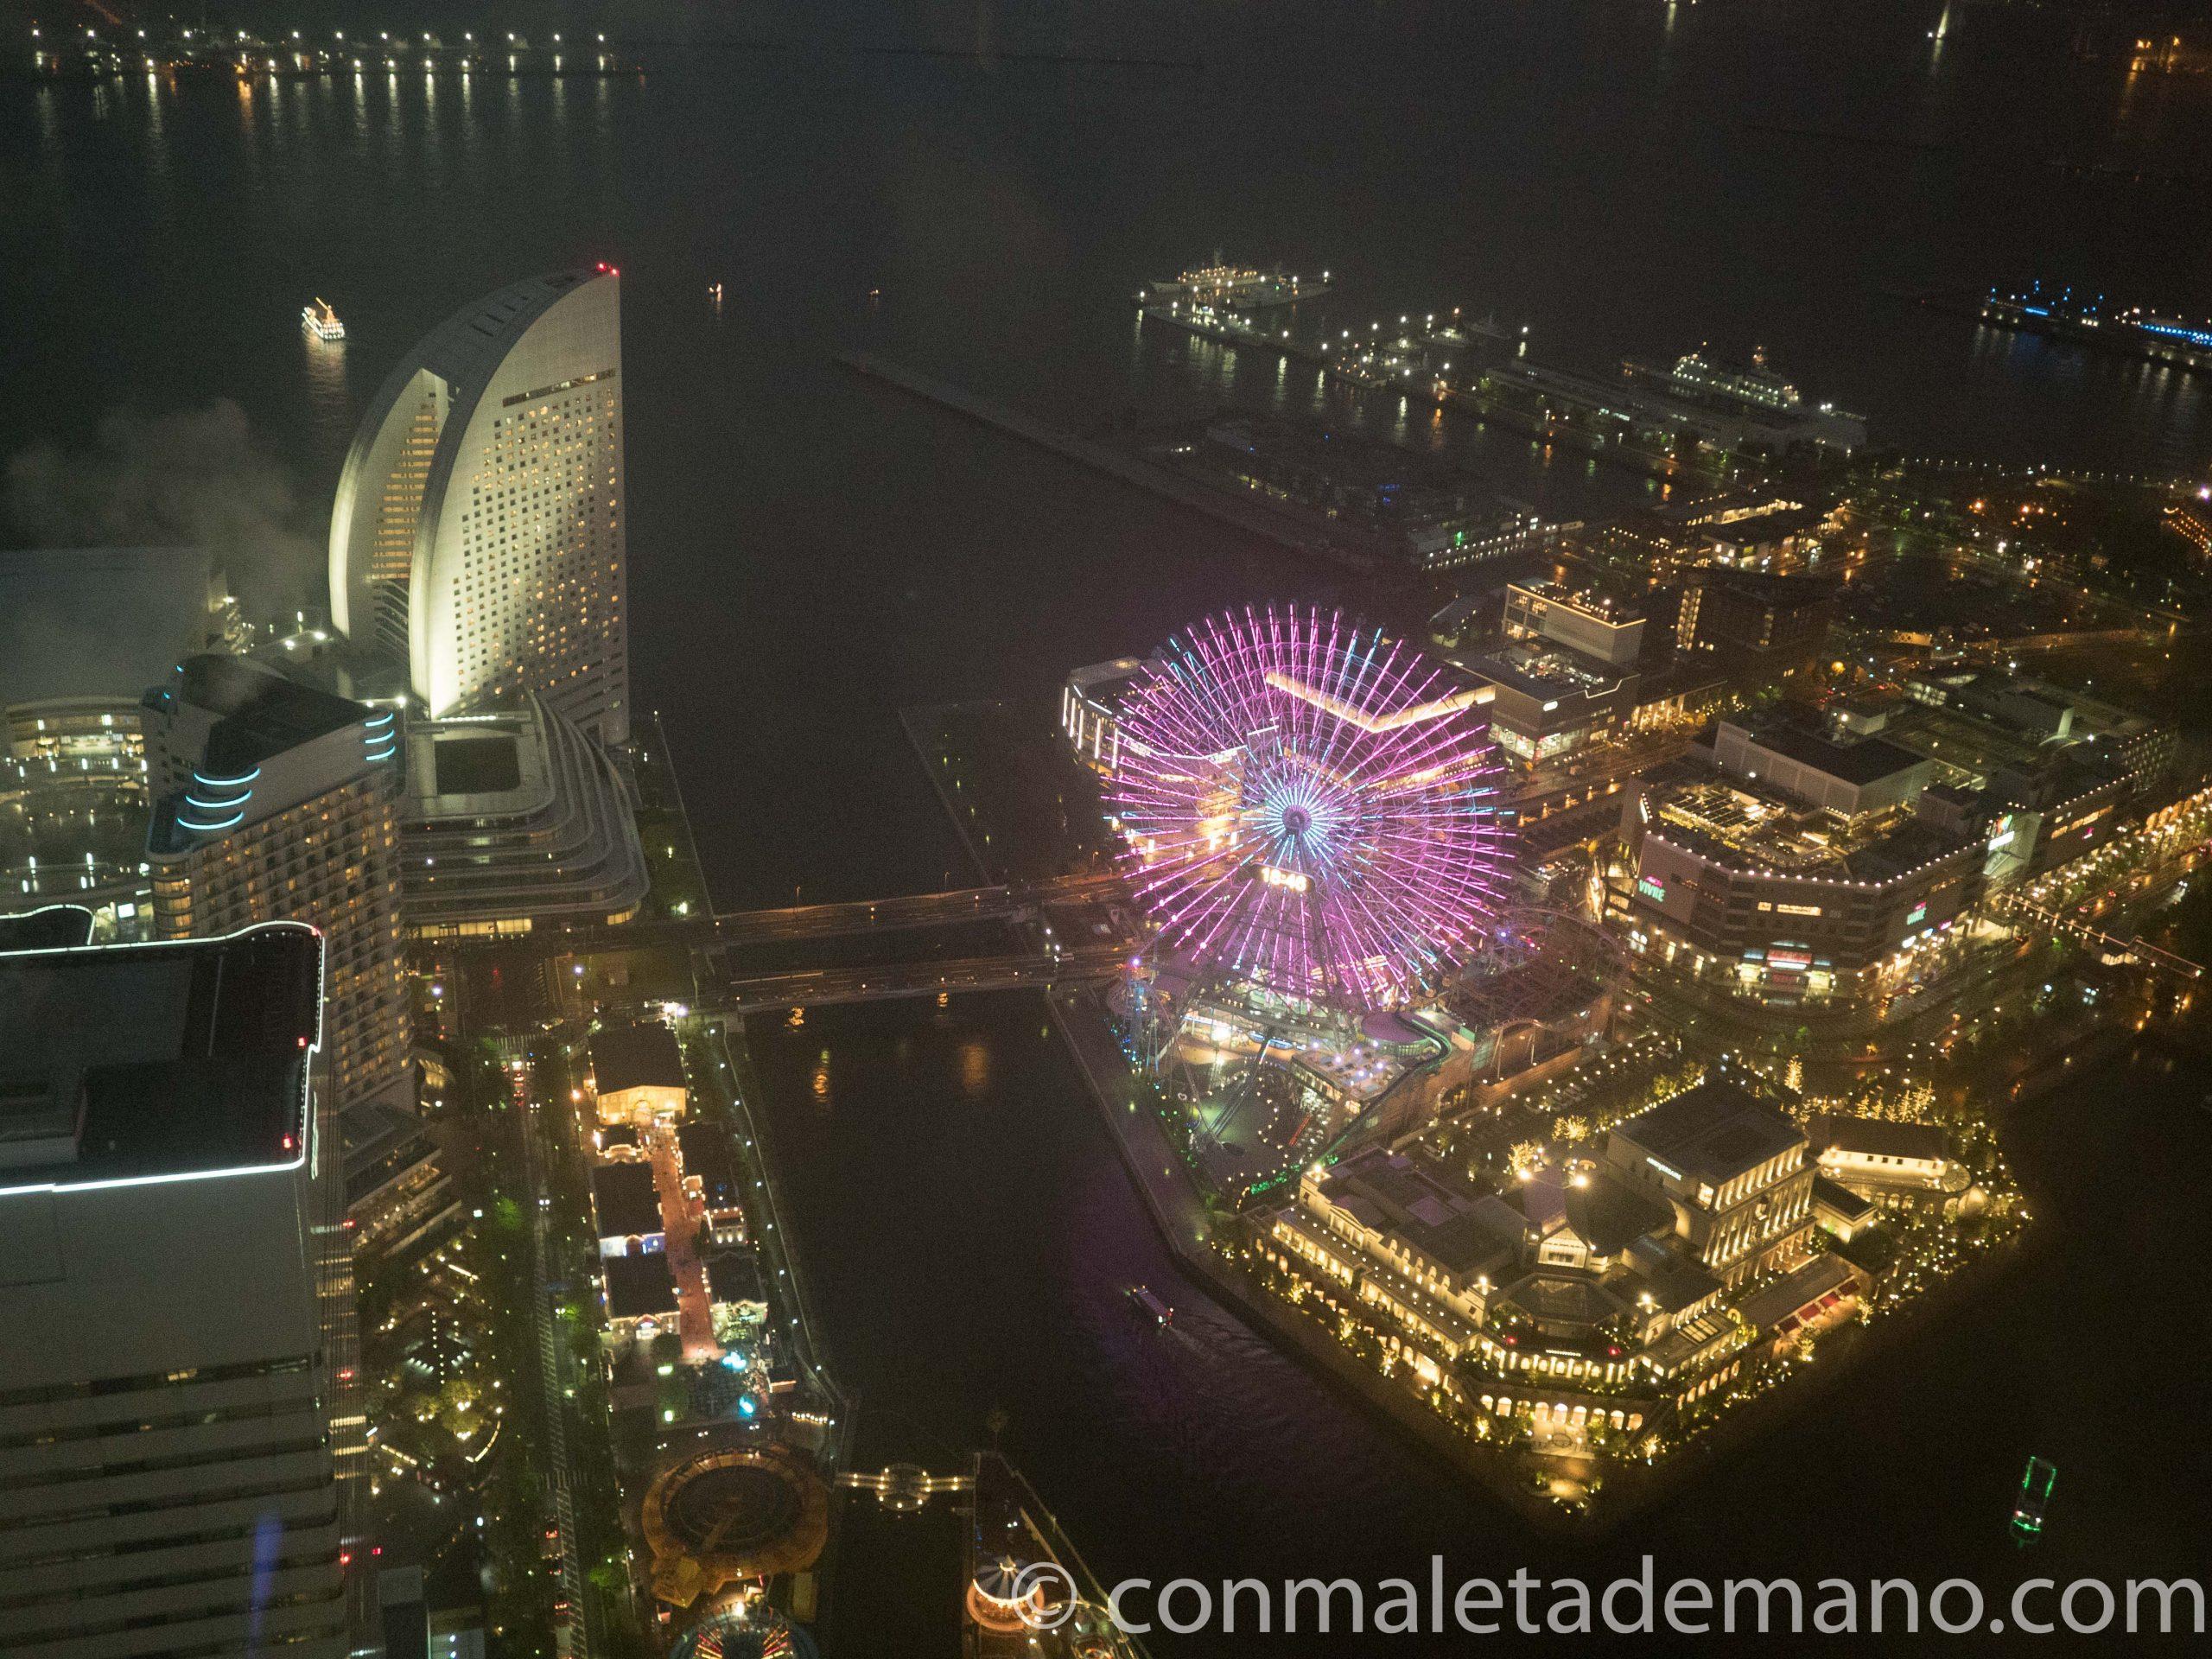 Vistas desde la Landmark Tower por la noche, con la noria fúcsia